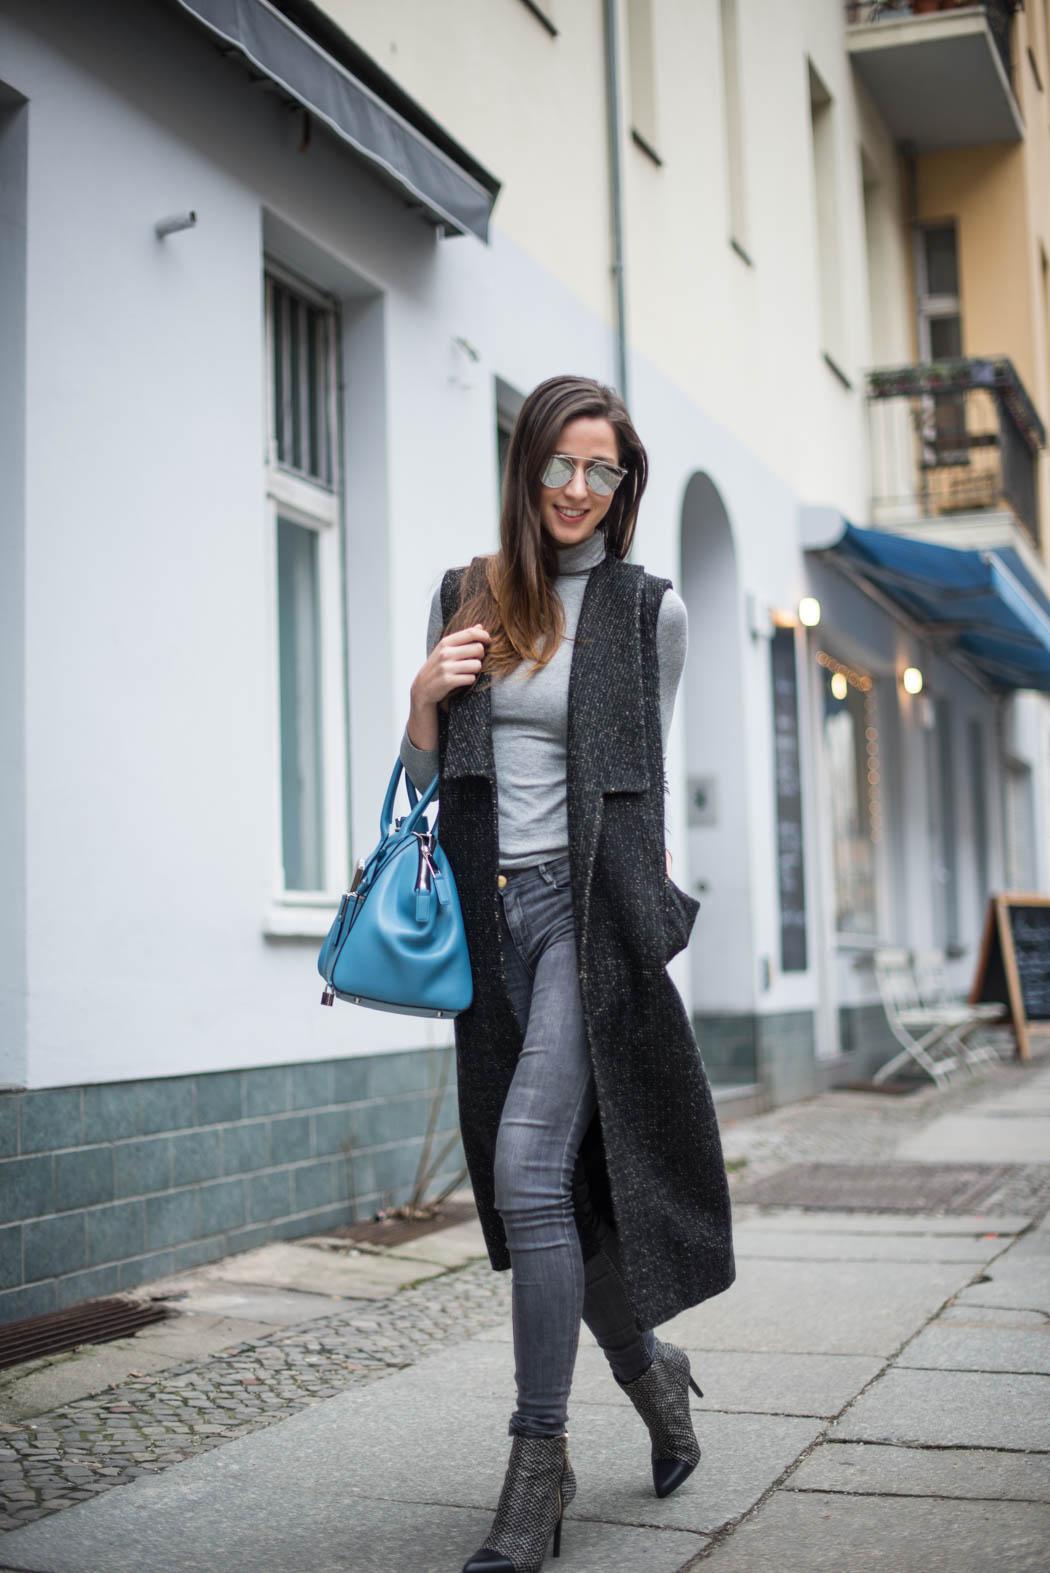 Lanvin-Ankleboots-Marc-Jacobs-Incognito-Fashionblogger-München-Deutschland-Fashionblog-6